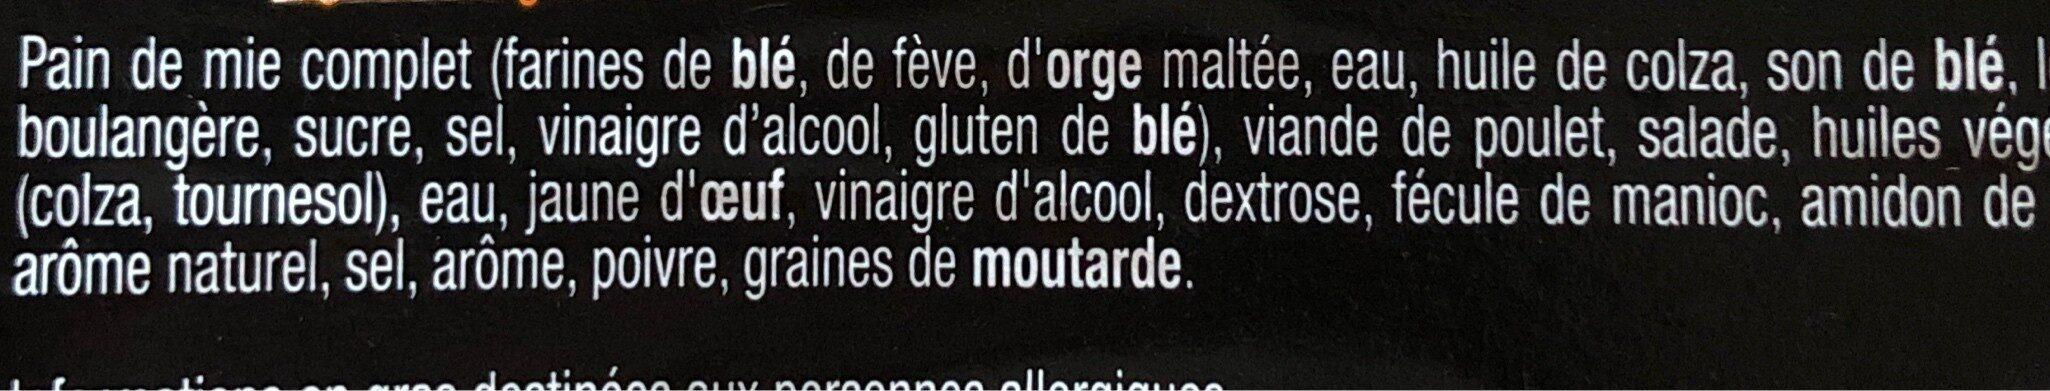 Sandwich poulet rôti - Ingrédients - fr